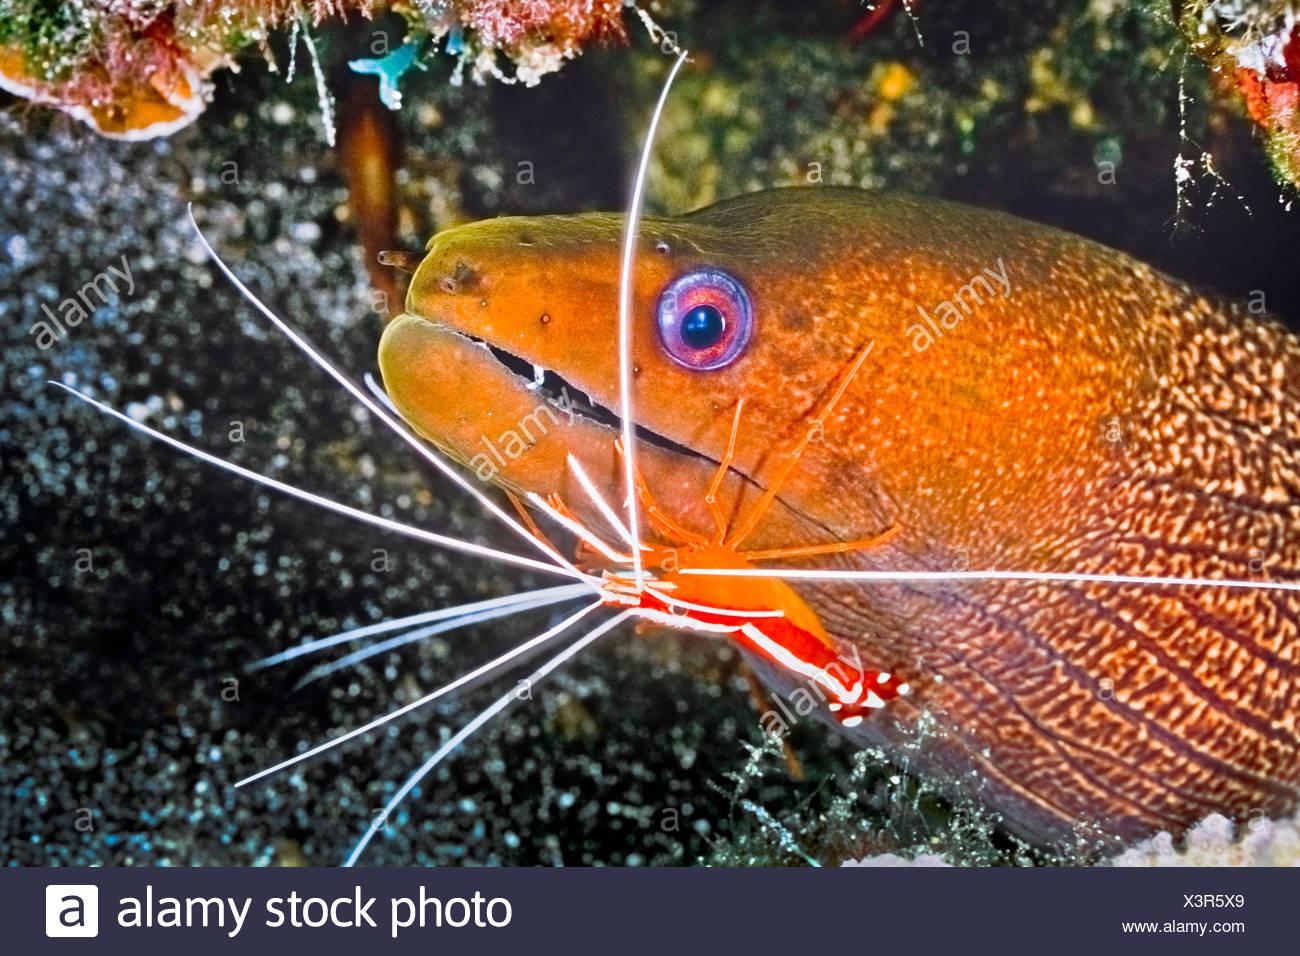 La ondulada Morena limpiados por escarlata camarón limpiador, Gymnothorax undulatus, Lysmata amboinensis, Big Island, Hawaii, EE.UU. Imagen De Stock